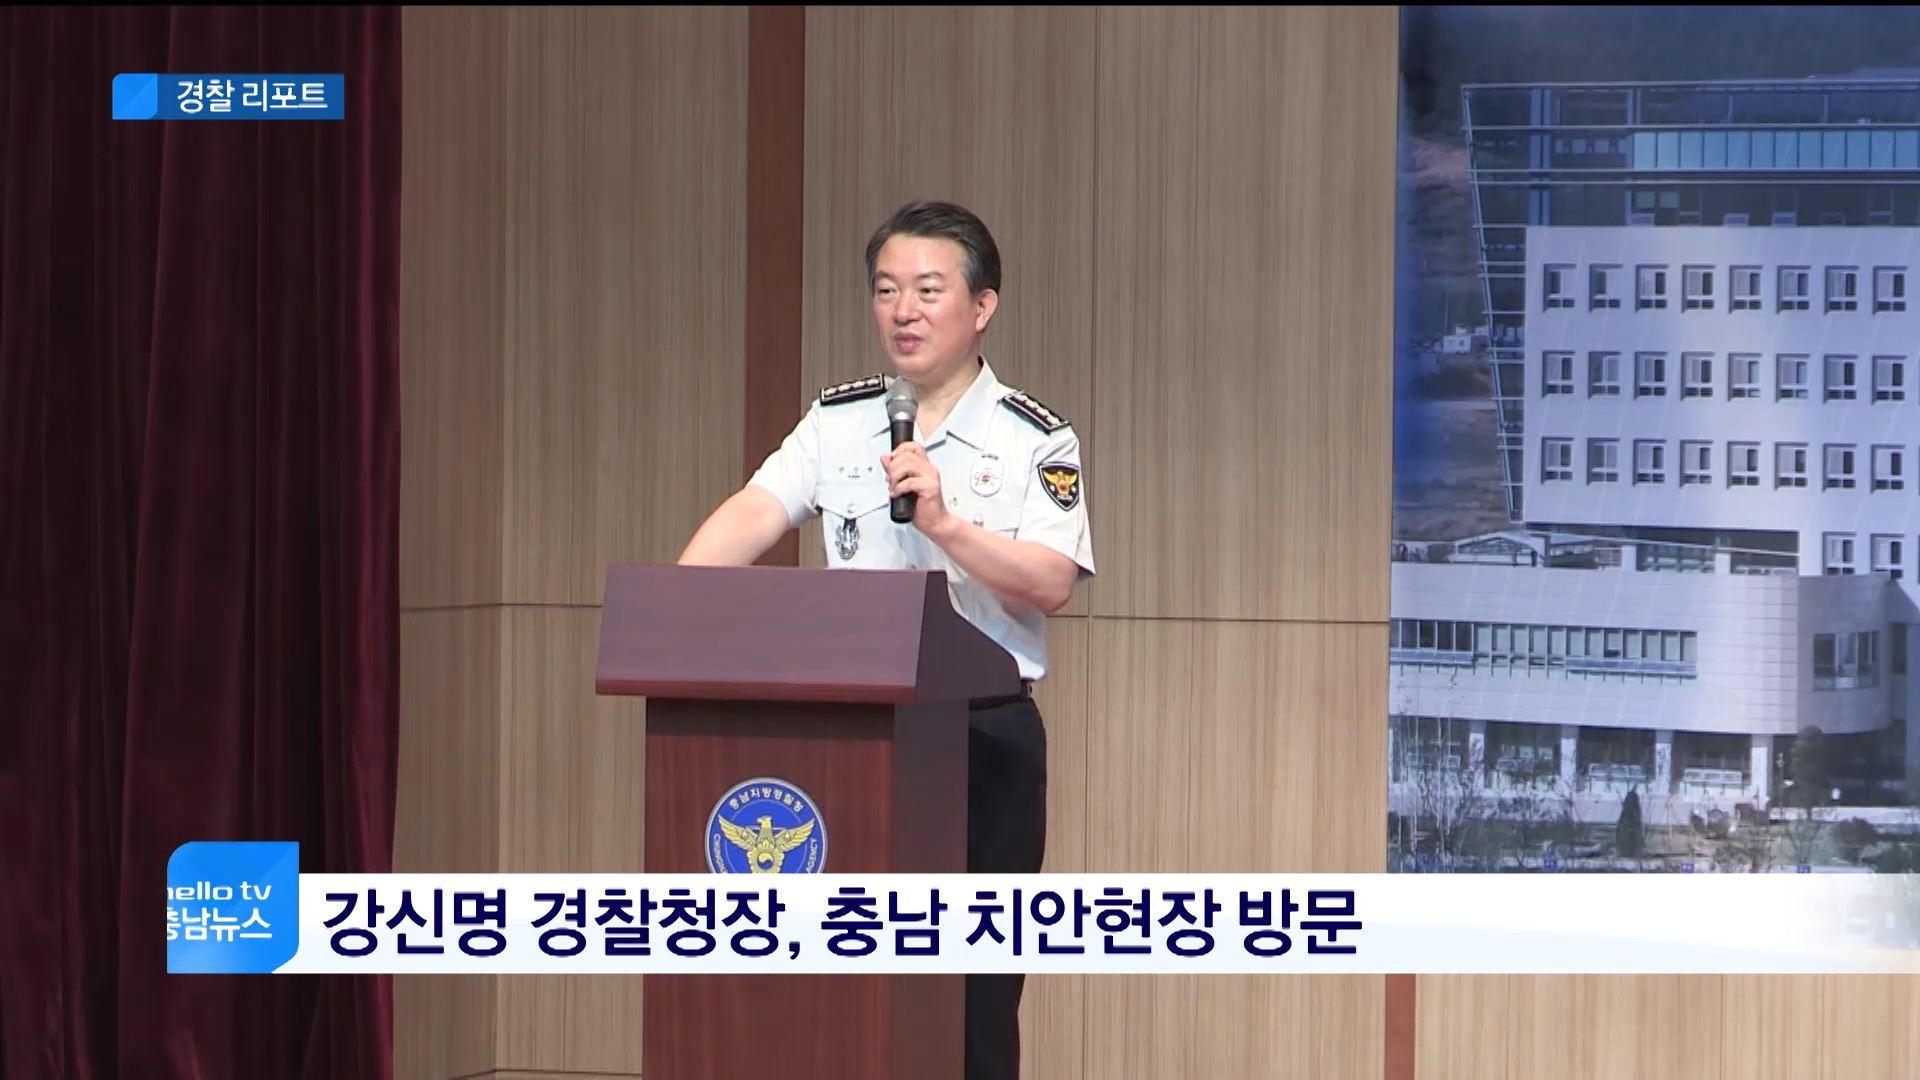 충남경찰 리포트 70회